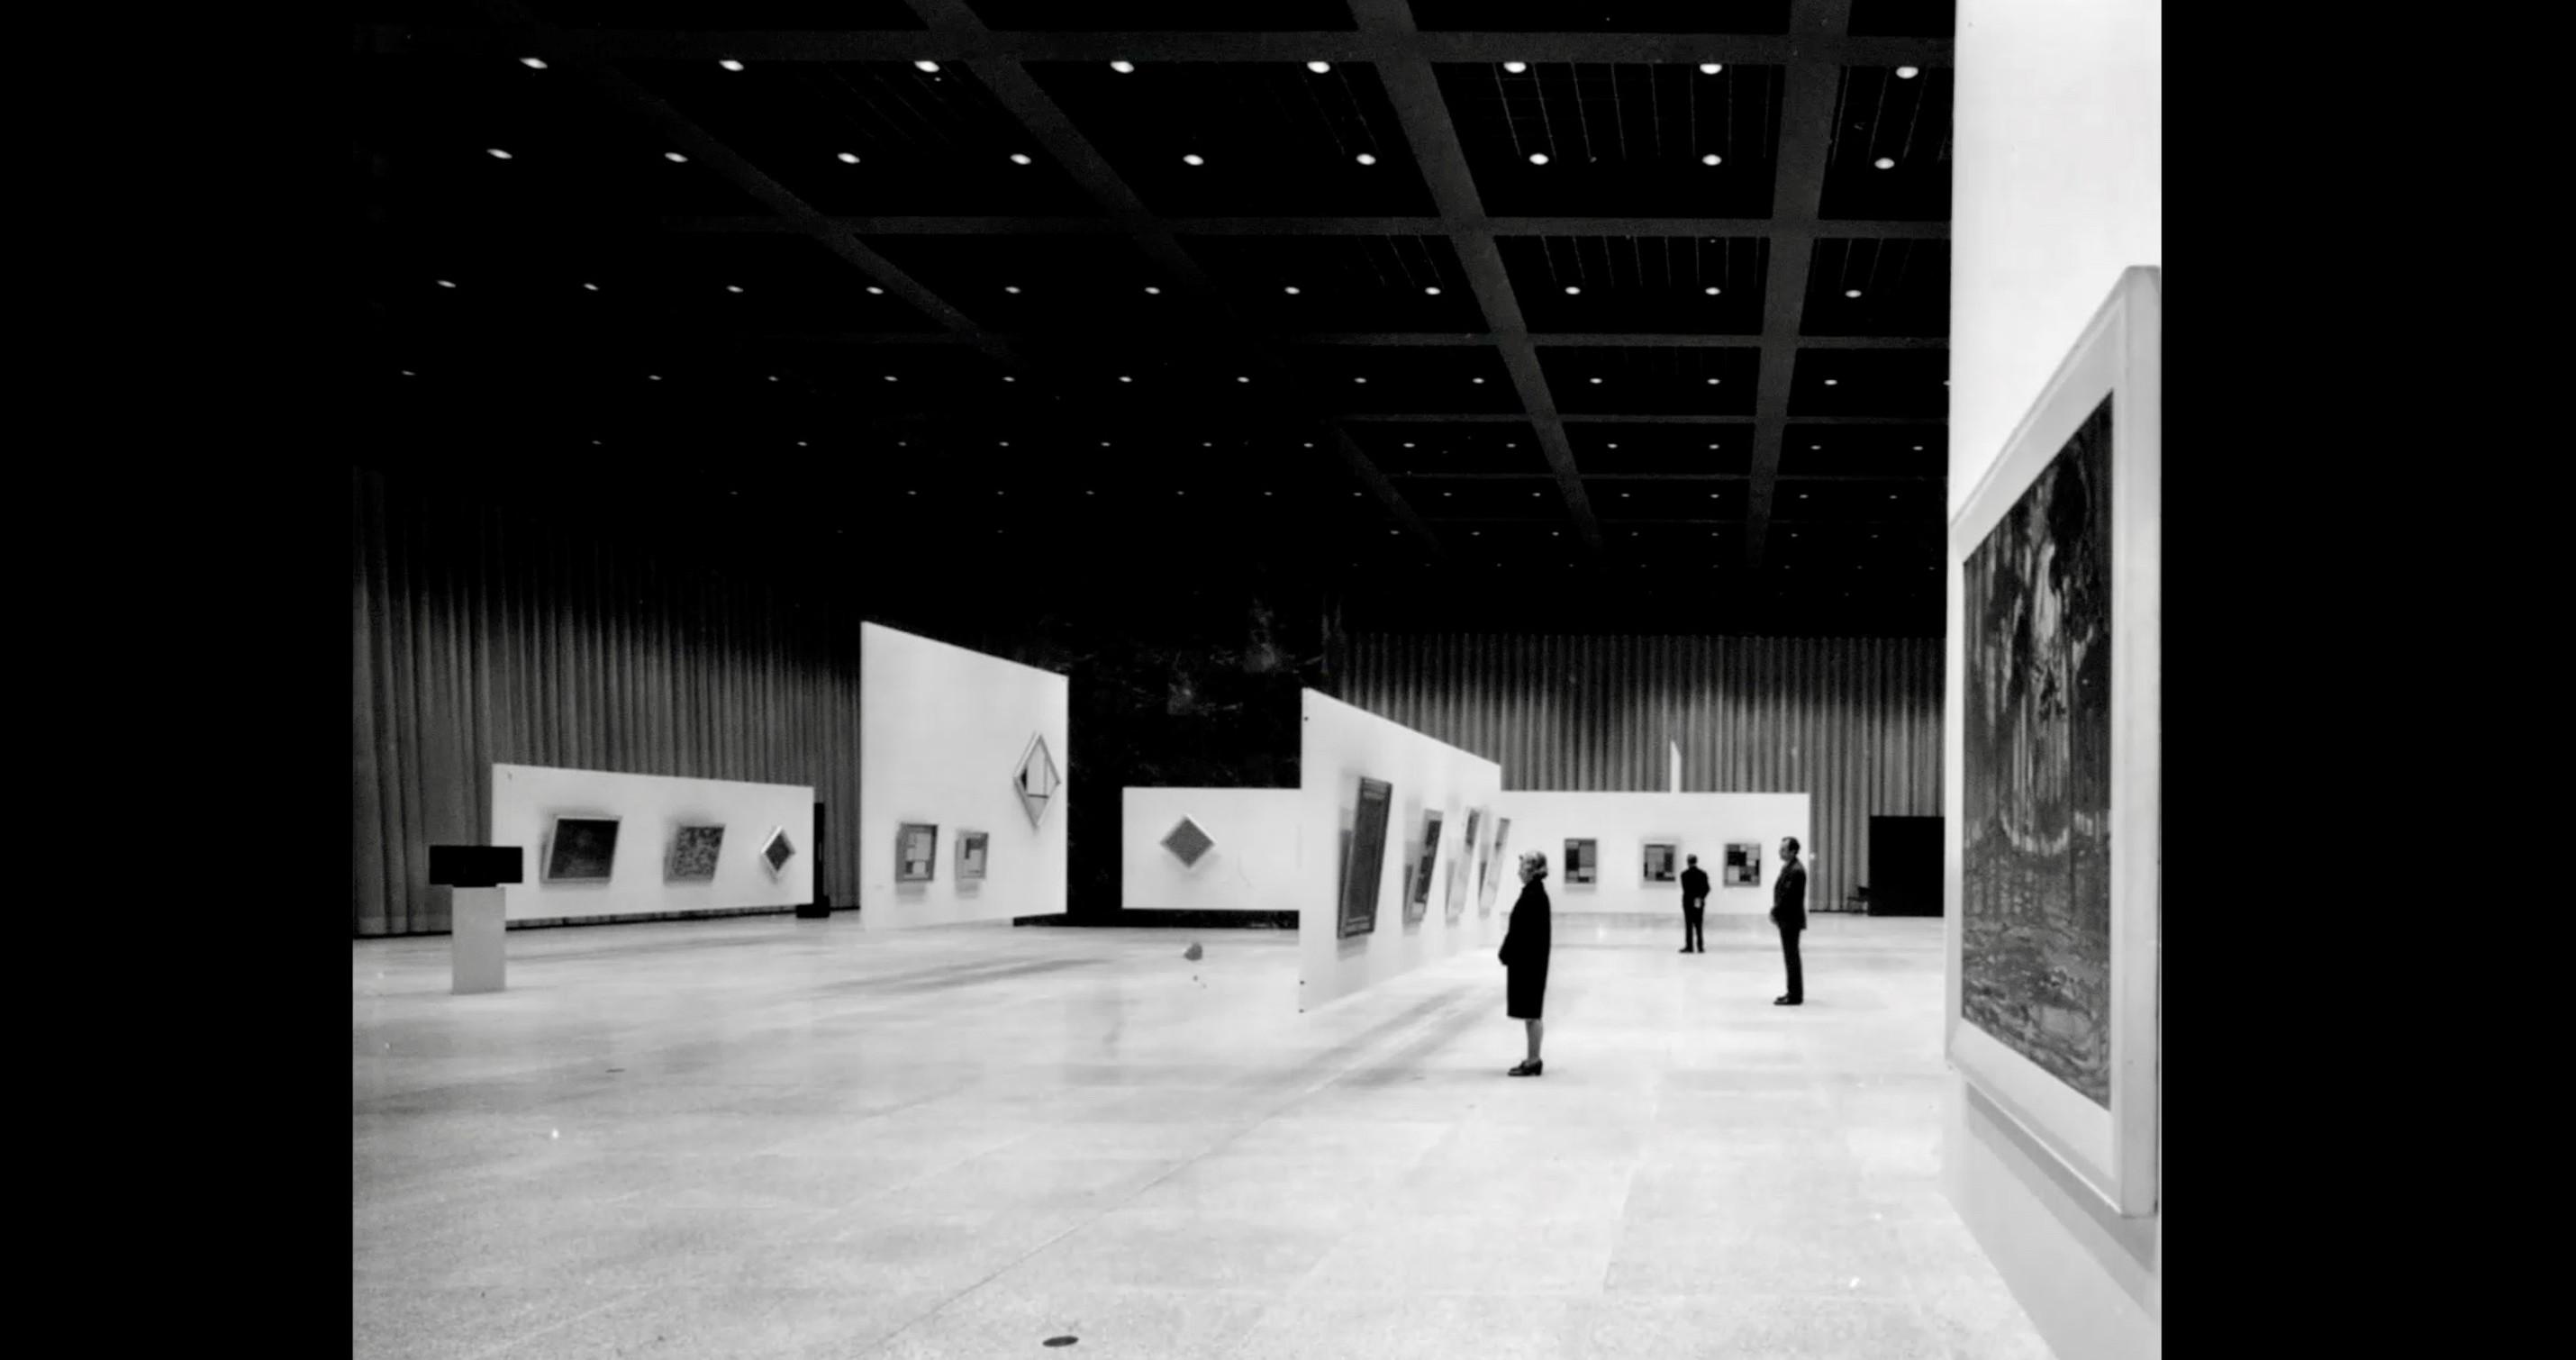 Ausstellungshalle - Die neue Nationalgalerie - ein Dokumentarfilm von Ina Weisse - Kamera Judith Kaufmann